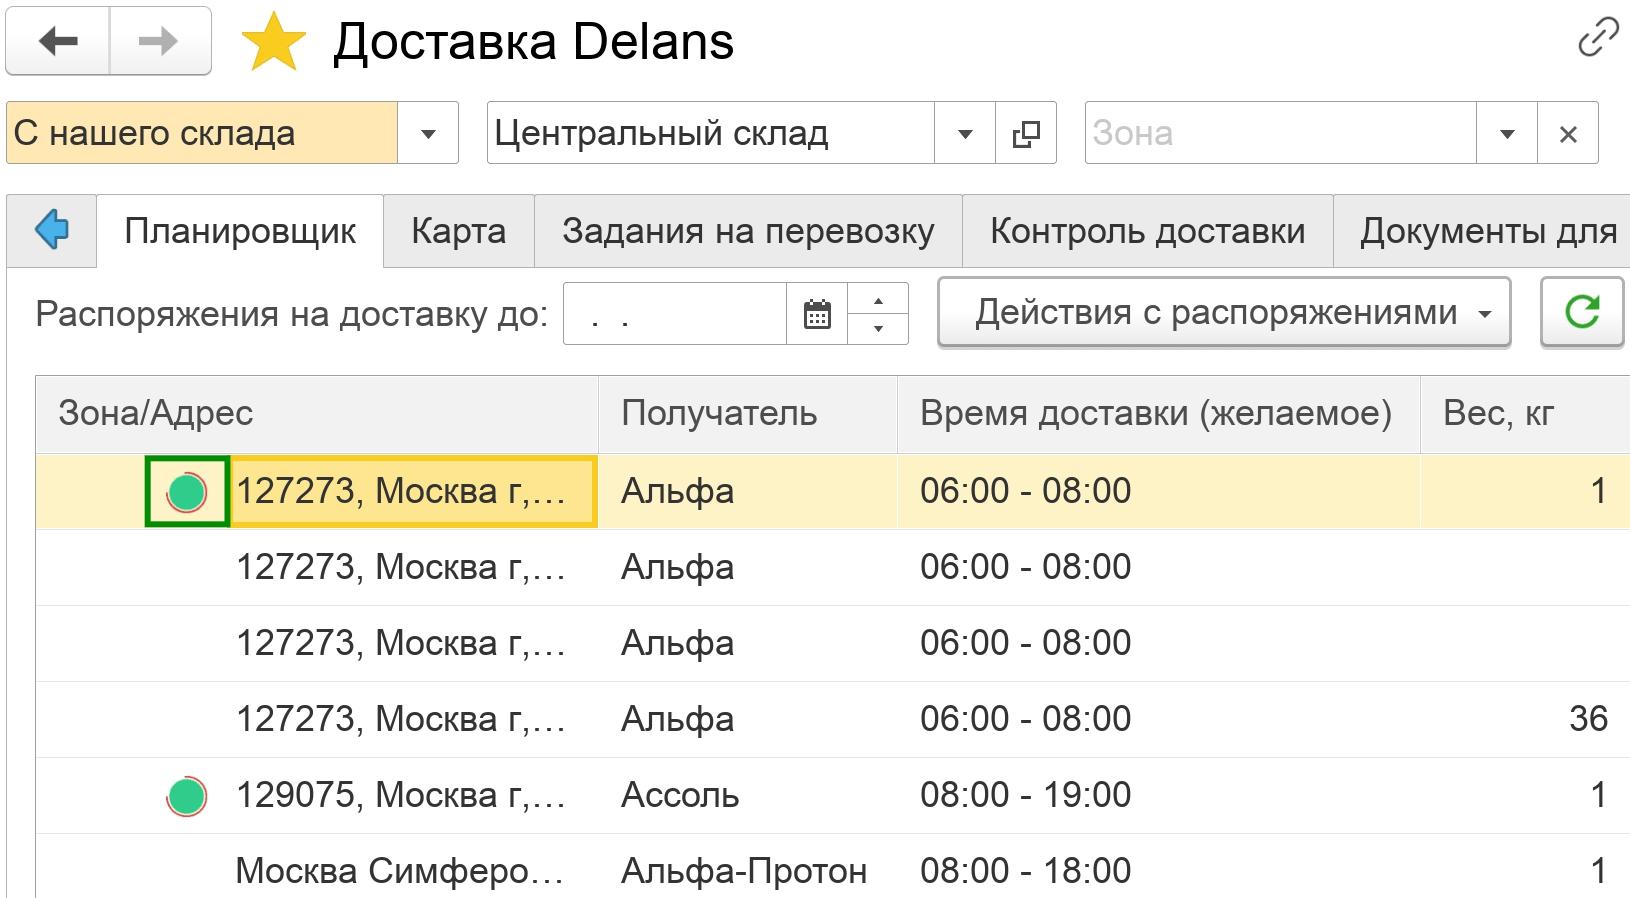 Скриншот 1. Планировщик: детализация по распоряжениям, доставленным частично